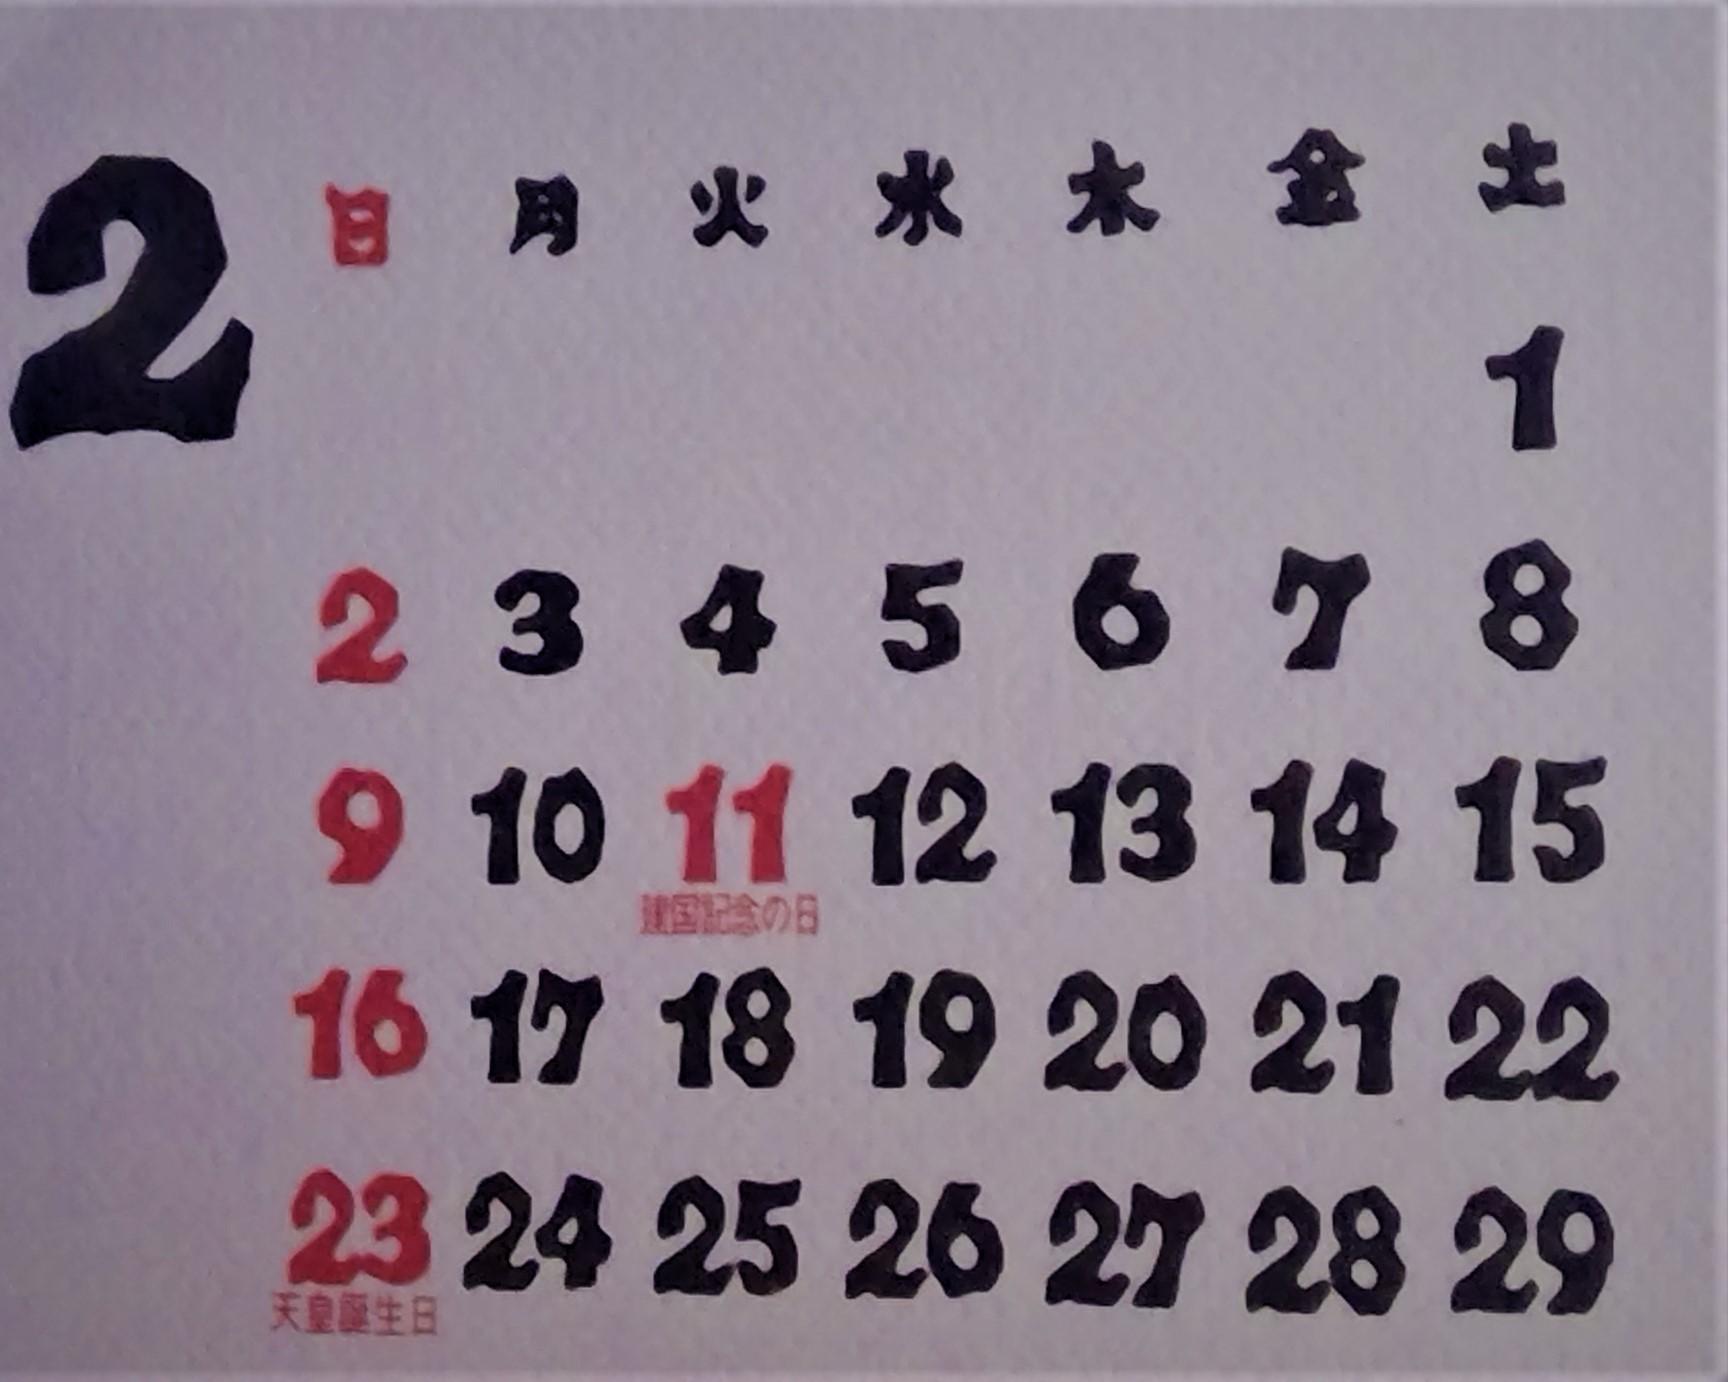 記念 日 建国 意味 の